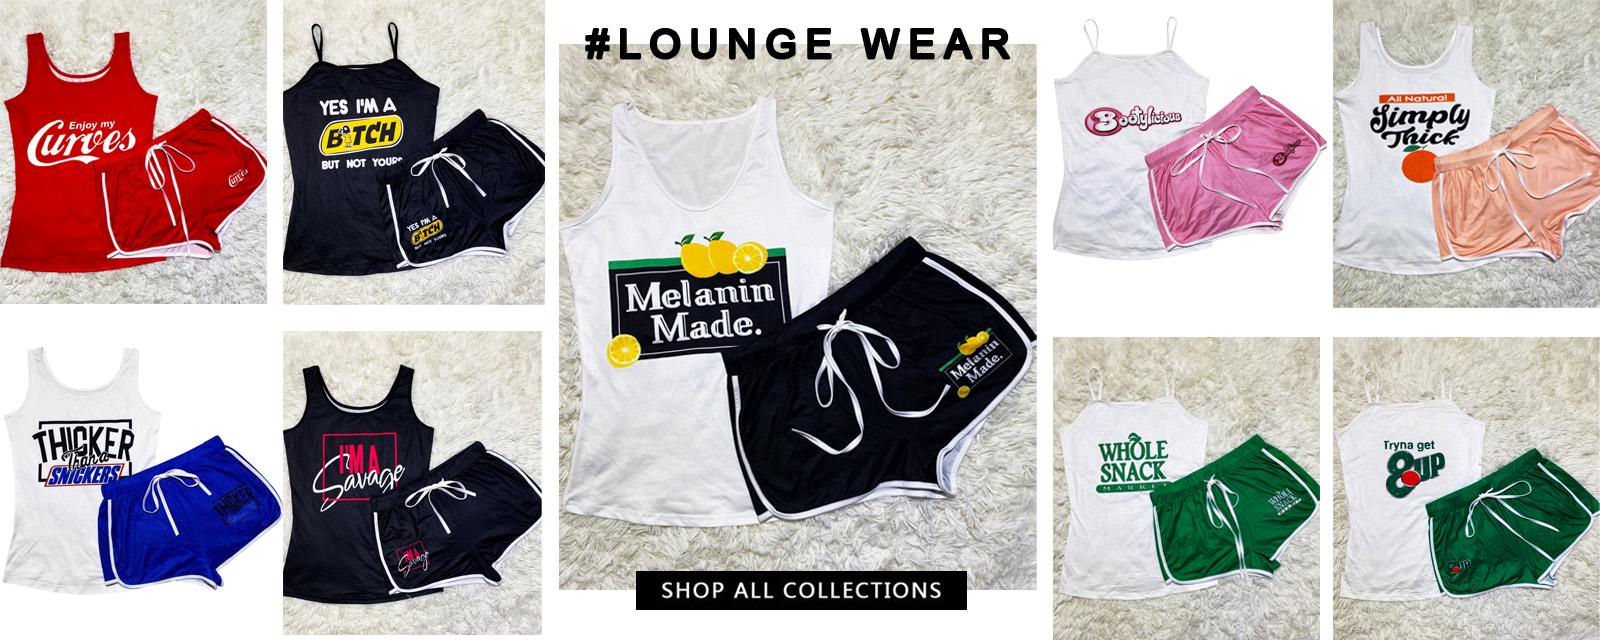 Colete e shorts com estampa de verão combinando com conjunto de lazer